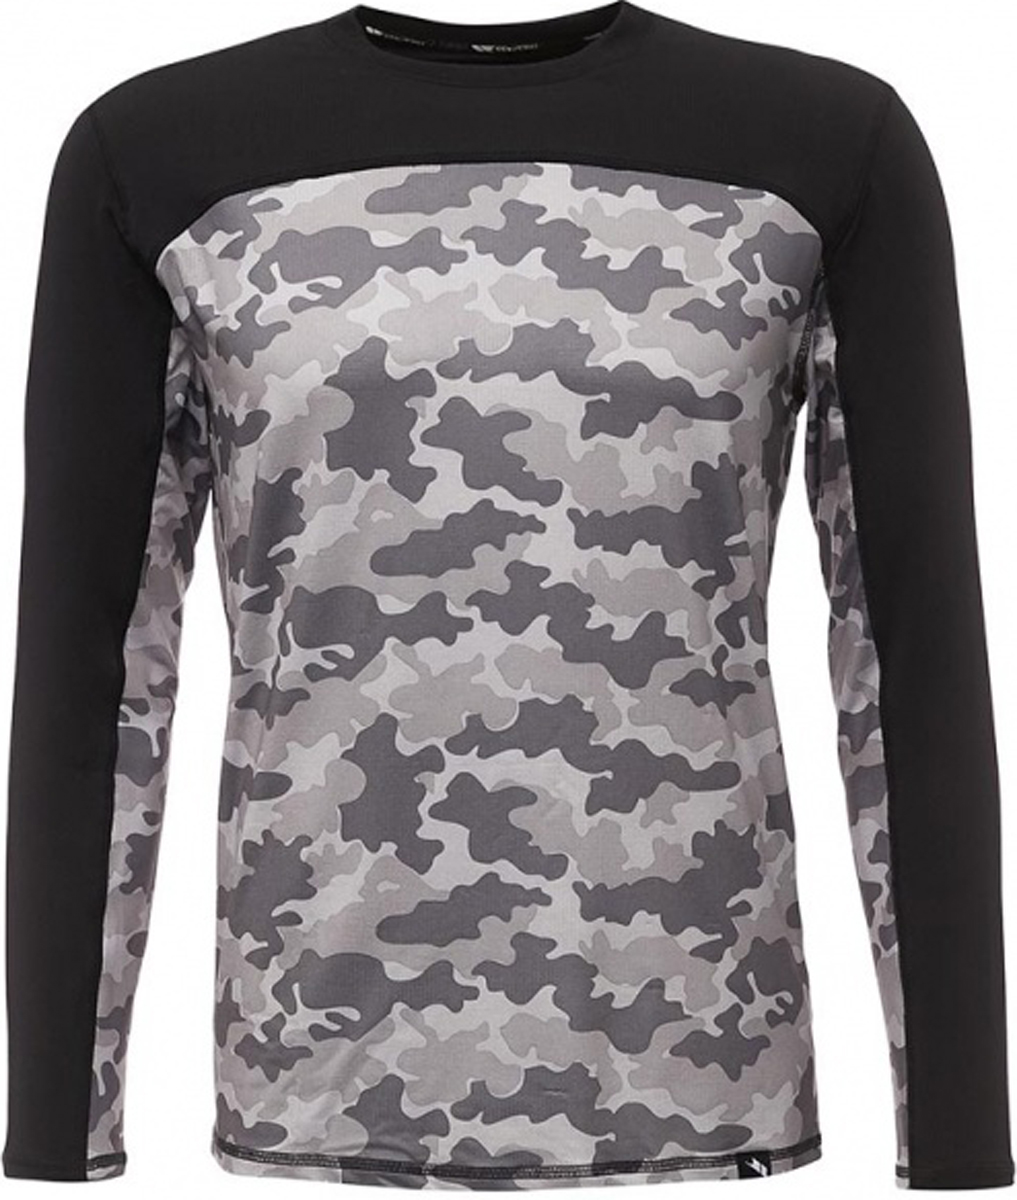 Термобелье футболка мужская Trespass Drill, цвет: камуфляж. MABLTPM20005. Размер M (50)MABLTPM20005Термобелье Trespass Drill предназначено для повседневной носки в прохладную погоду. Изделие хорошо тянется и отлично сохраняет тепло. Повышенная эластичность позволяет комфортно двигаться. Благодаря полиэстеру изделие приятно на ощупь, позволяет коже дышать, хорошо впитывает влагу, не электризуется. Эластан входящий в состав имеет очень высокую степень эластичности, хорошо сохраняет форму изделия, повышая его износостойкость, и прекрасно садится по фигуре. Термобелье незаметно под любой, самой тонкой одеждой и обеспечивает надежную защиту от холода и ветра.